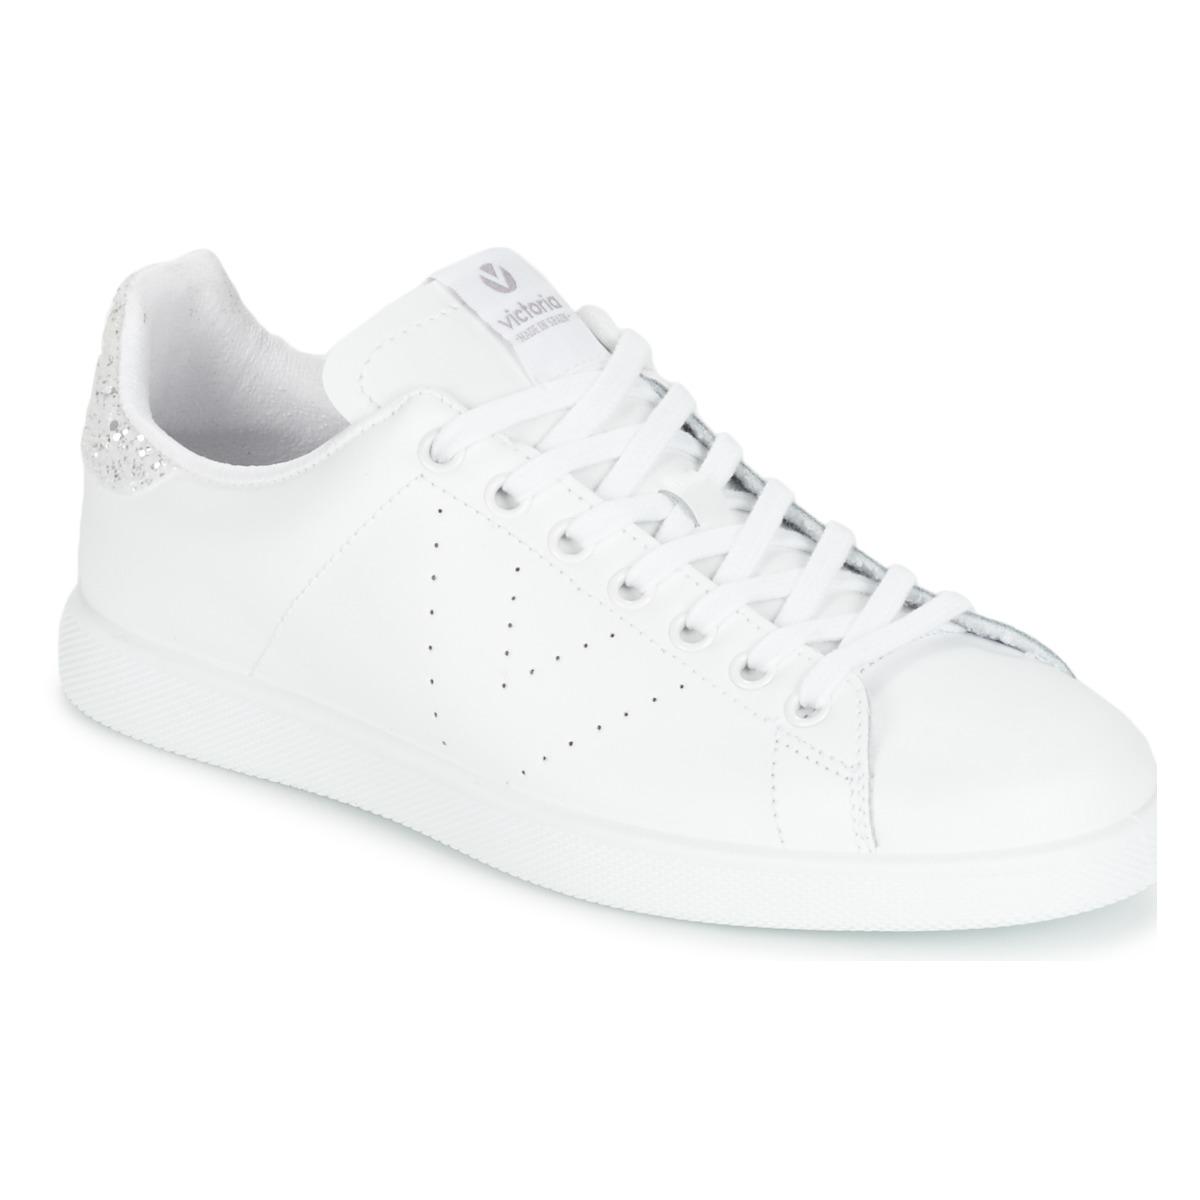 Victoria DEPORTIVO BASKET PIEL Weiss / Silbern - Kostenloser Versand bei Spartoode ! - Schuhe Sneaker Low Damen 47,20 €